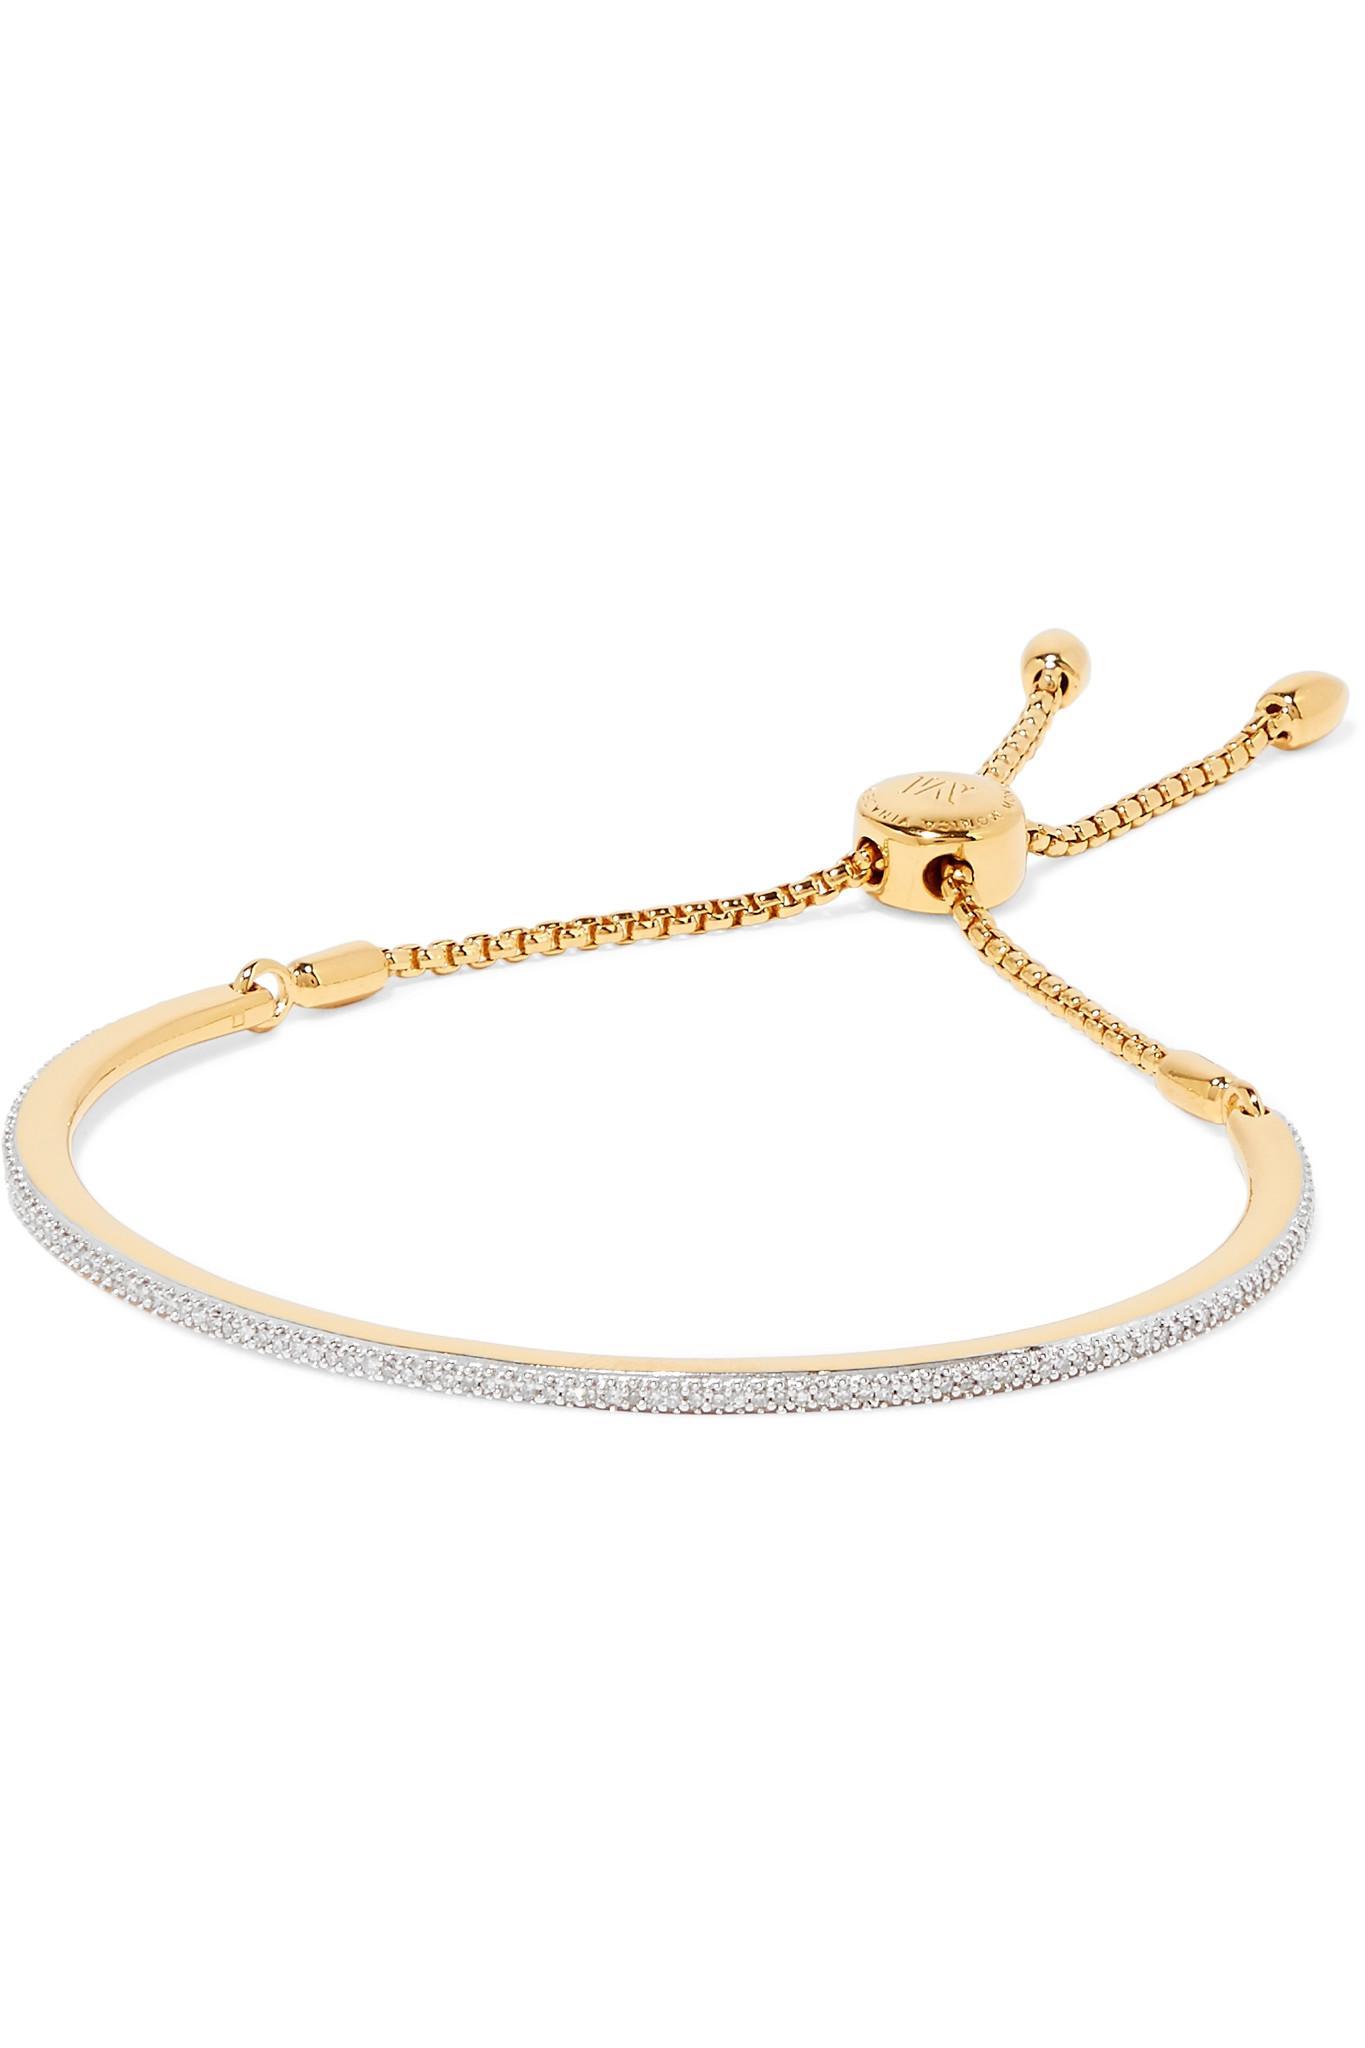 Fiji Full Diamond Bracelet, Gold Vermeil on Silver Monica Vinader